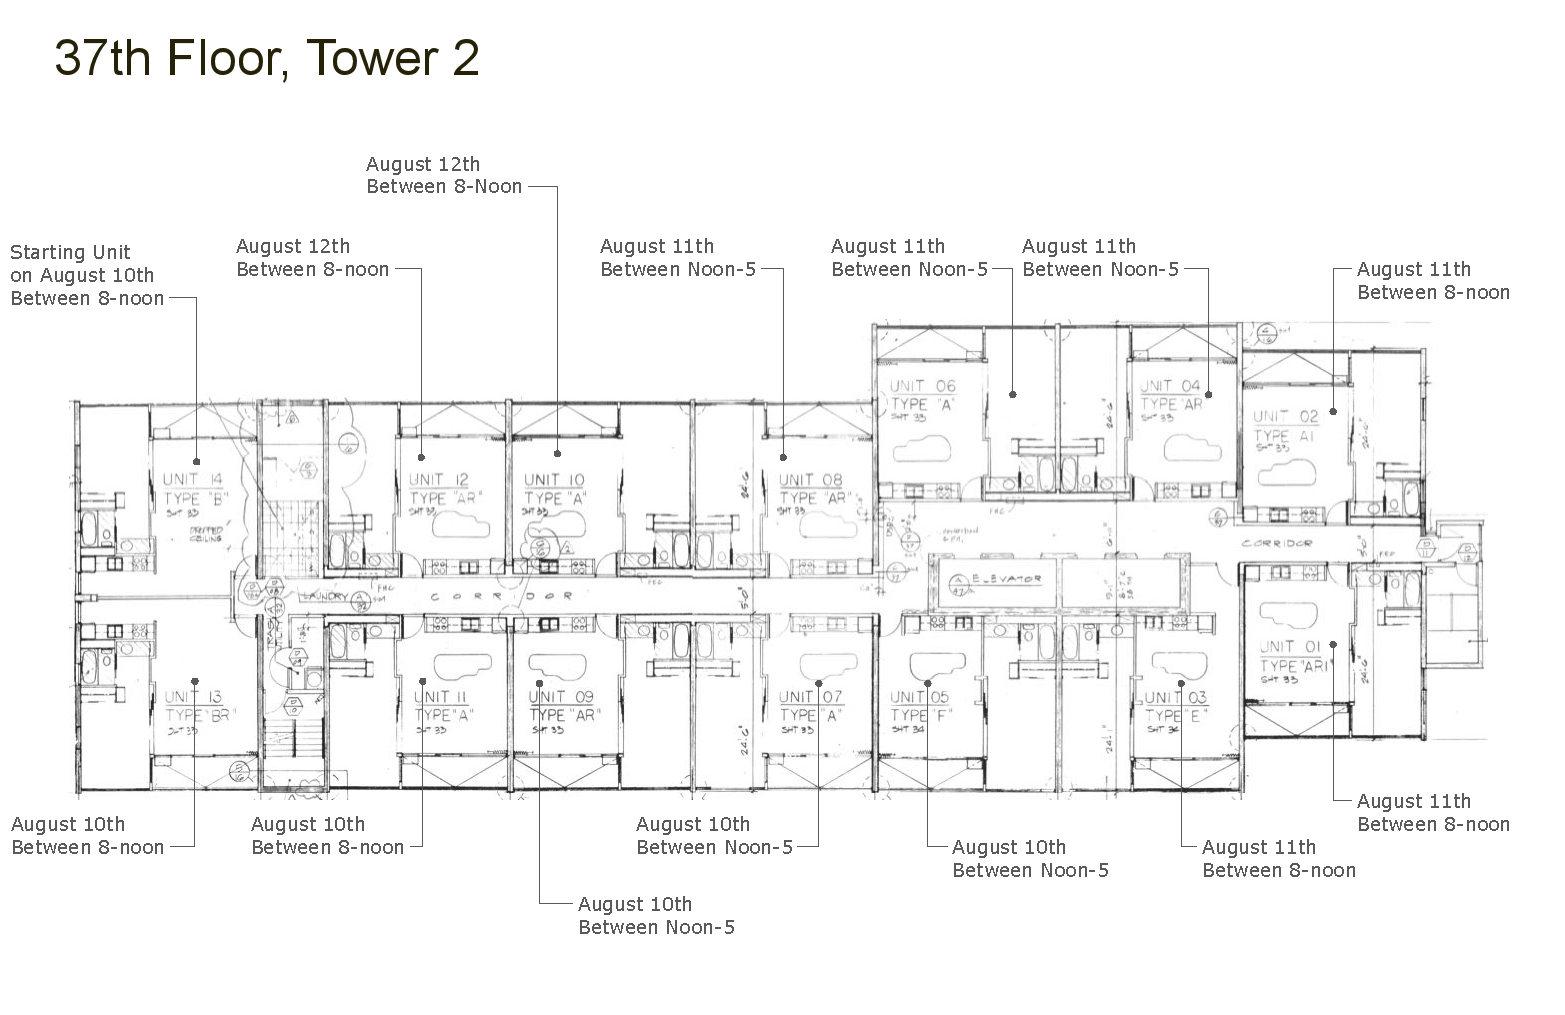 37th floor schedule